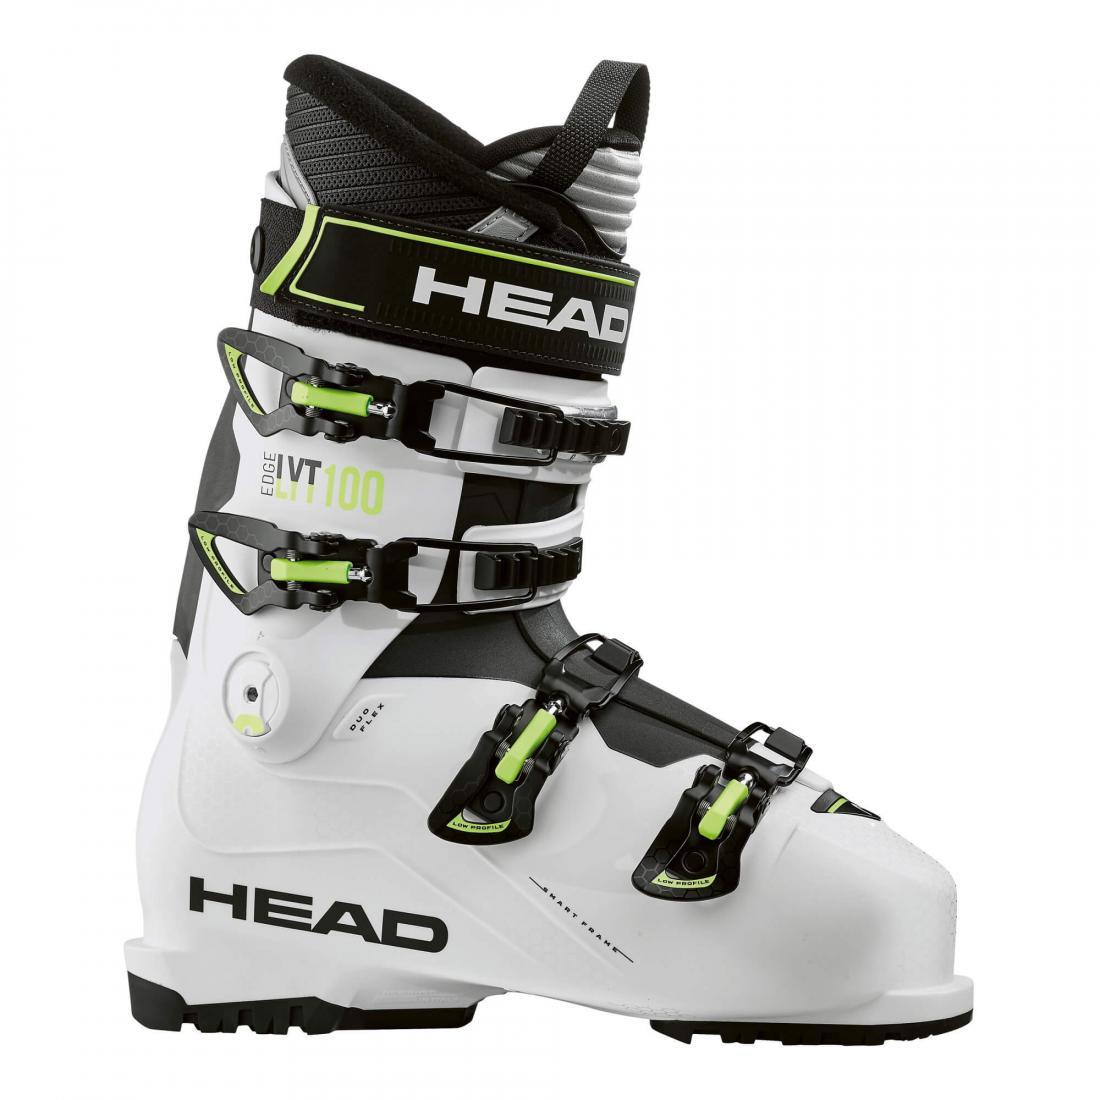 Ботинки HEAD EDGE LYT 100 фото